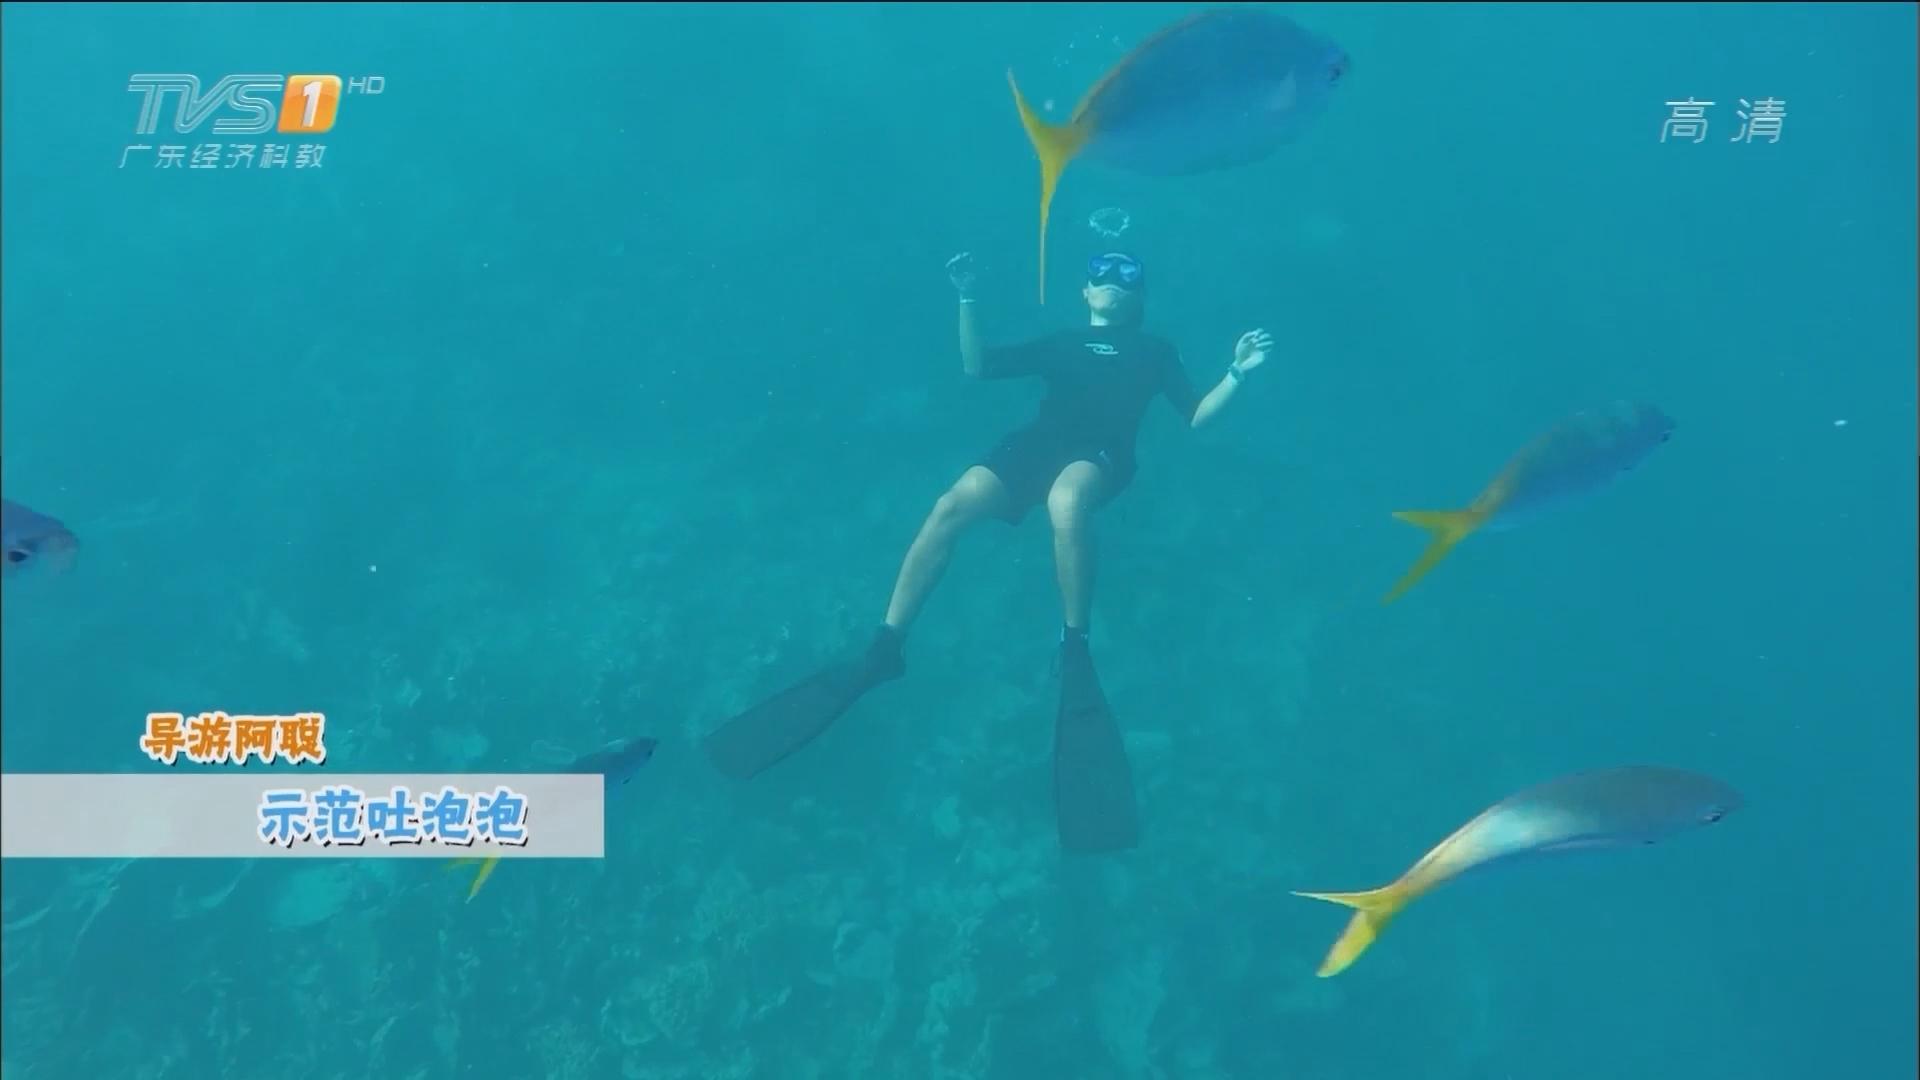 帕劳游——北石大断层任务 吐泡泡